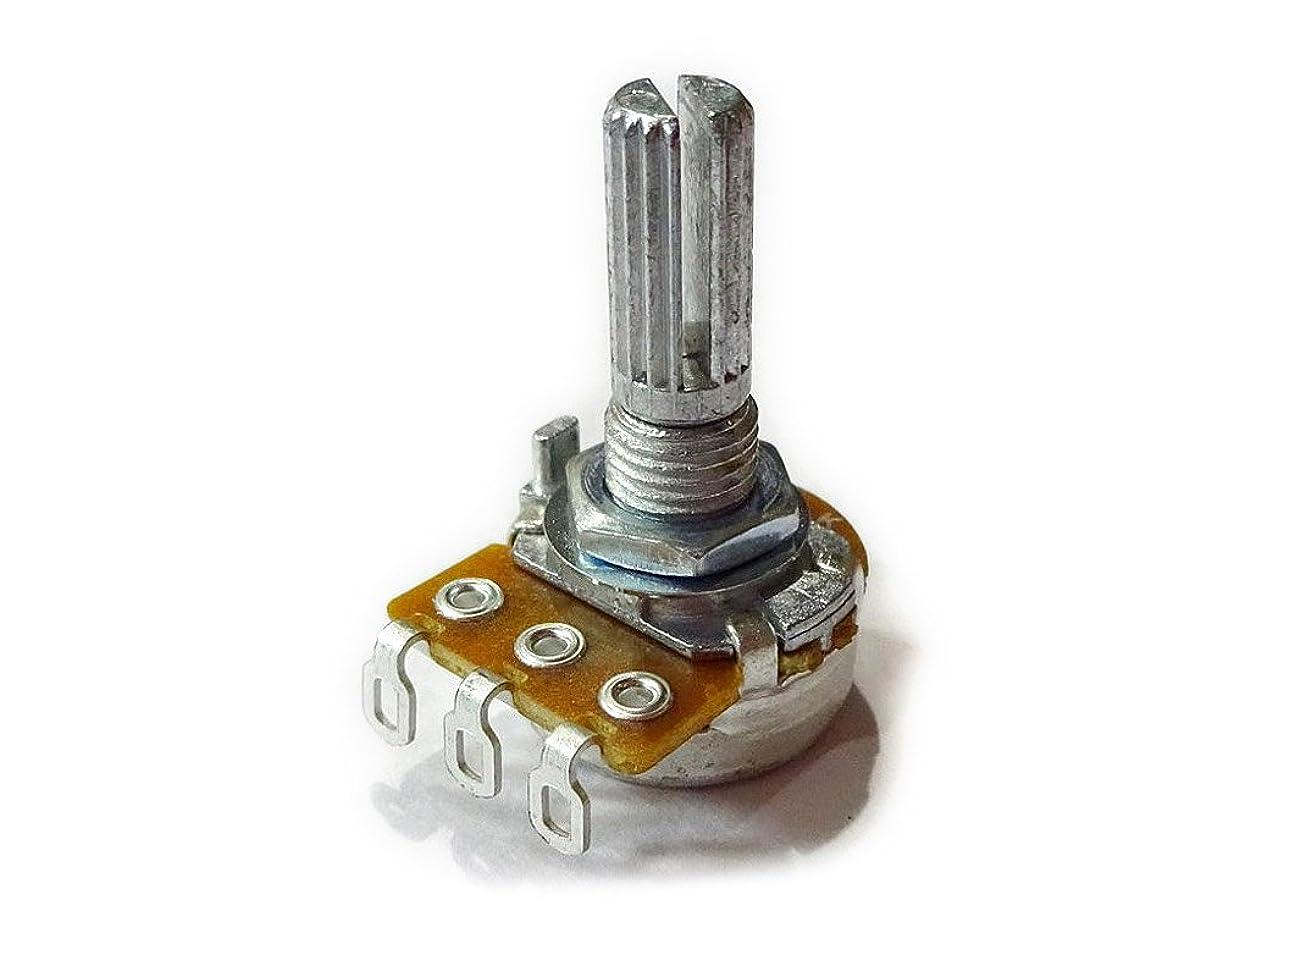 順応性引き出す言い聞かせる可変抵抗器 ロータリーボリューム 16mmミニポット ミリ Aカーブ 1kΩ 1個